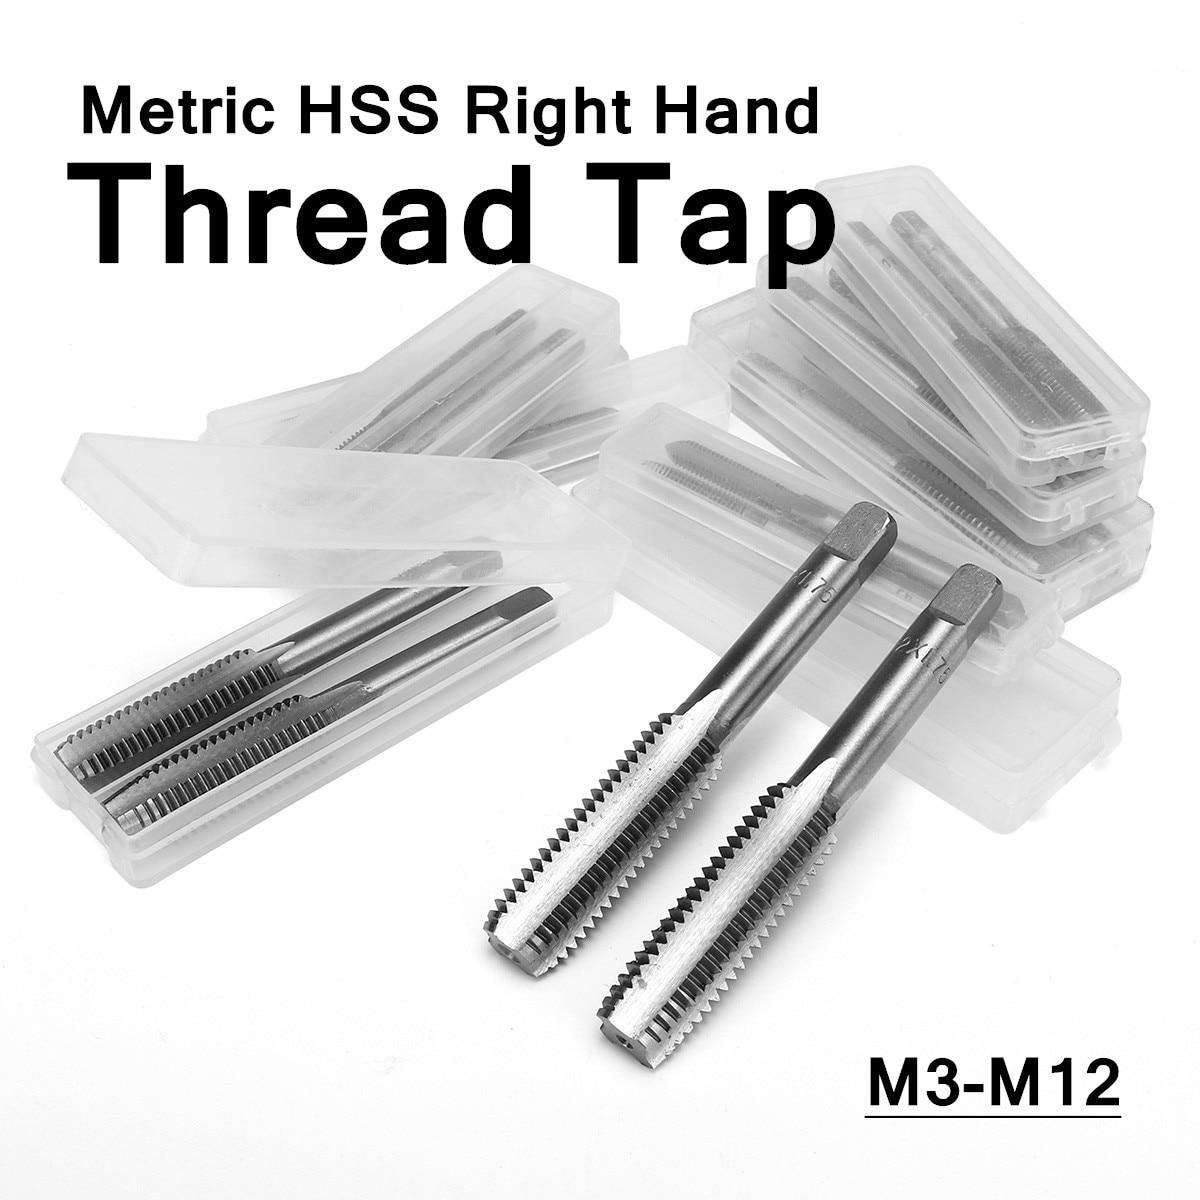 Schraube Gewinde Wasserhähne Set 2 Pcs M3-m12 Stahl Hohe Oberfläche Behandlung Für Diy Home Gebäude Engineering Maschine Bohrer Hand Werkzeuge Tap & Sterben Heißer Handwerkzeuge